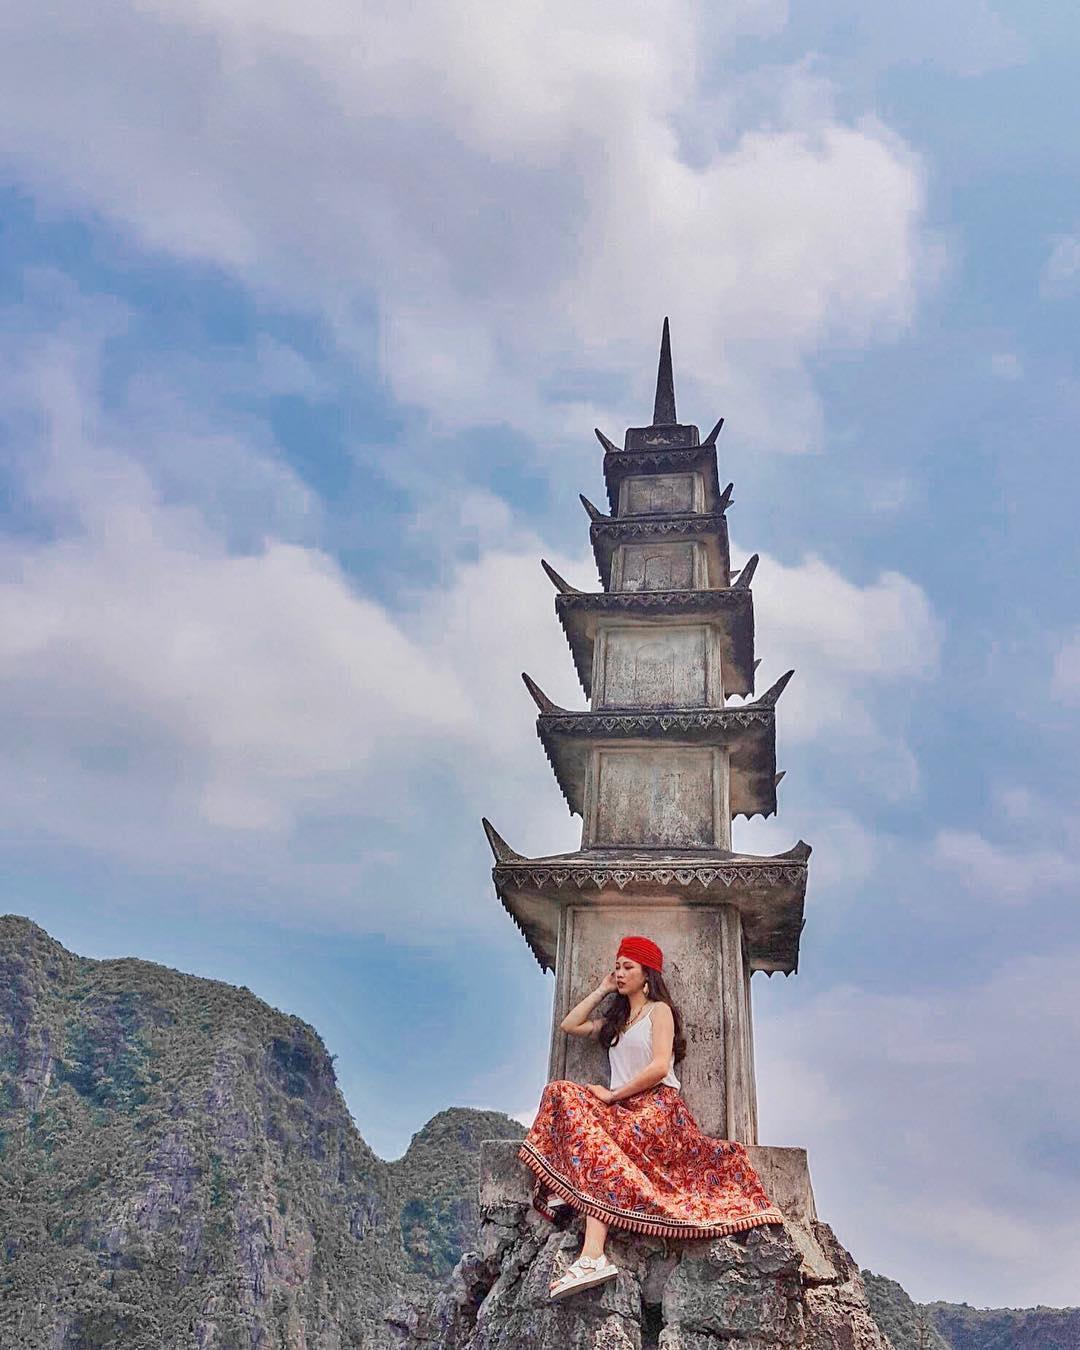 Dọc miền đất nước khám phá cảnh đẹp Ninh Bình, Huế, Đà Lạt Ảnh 4